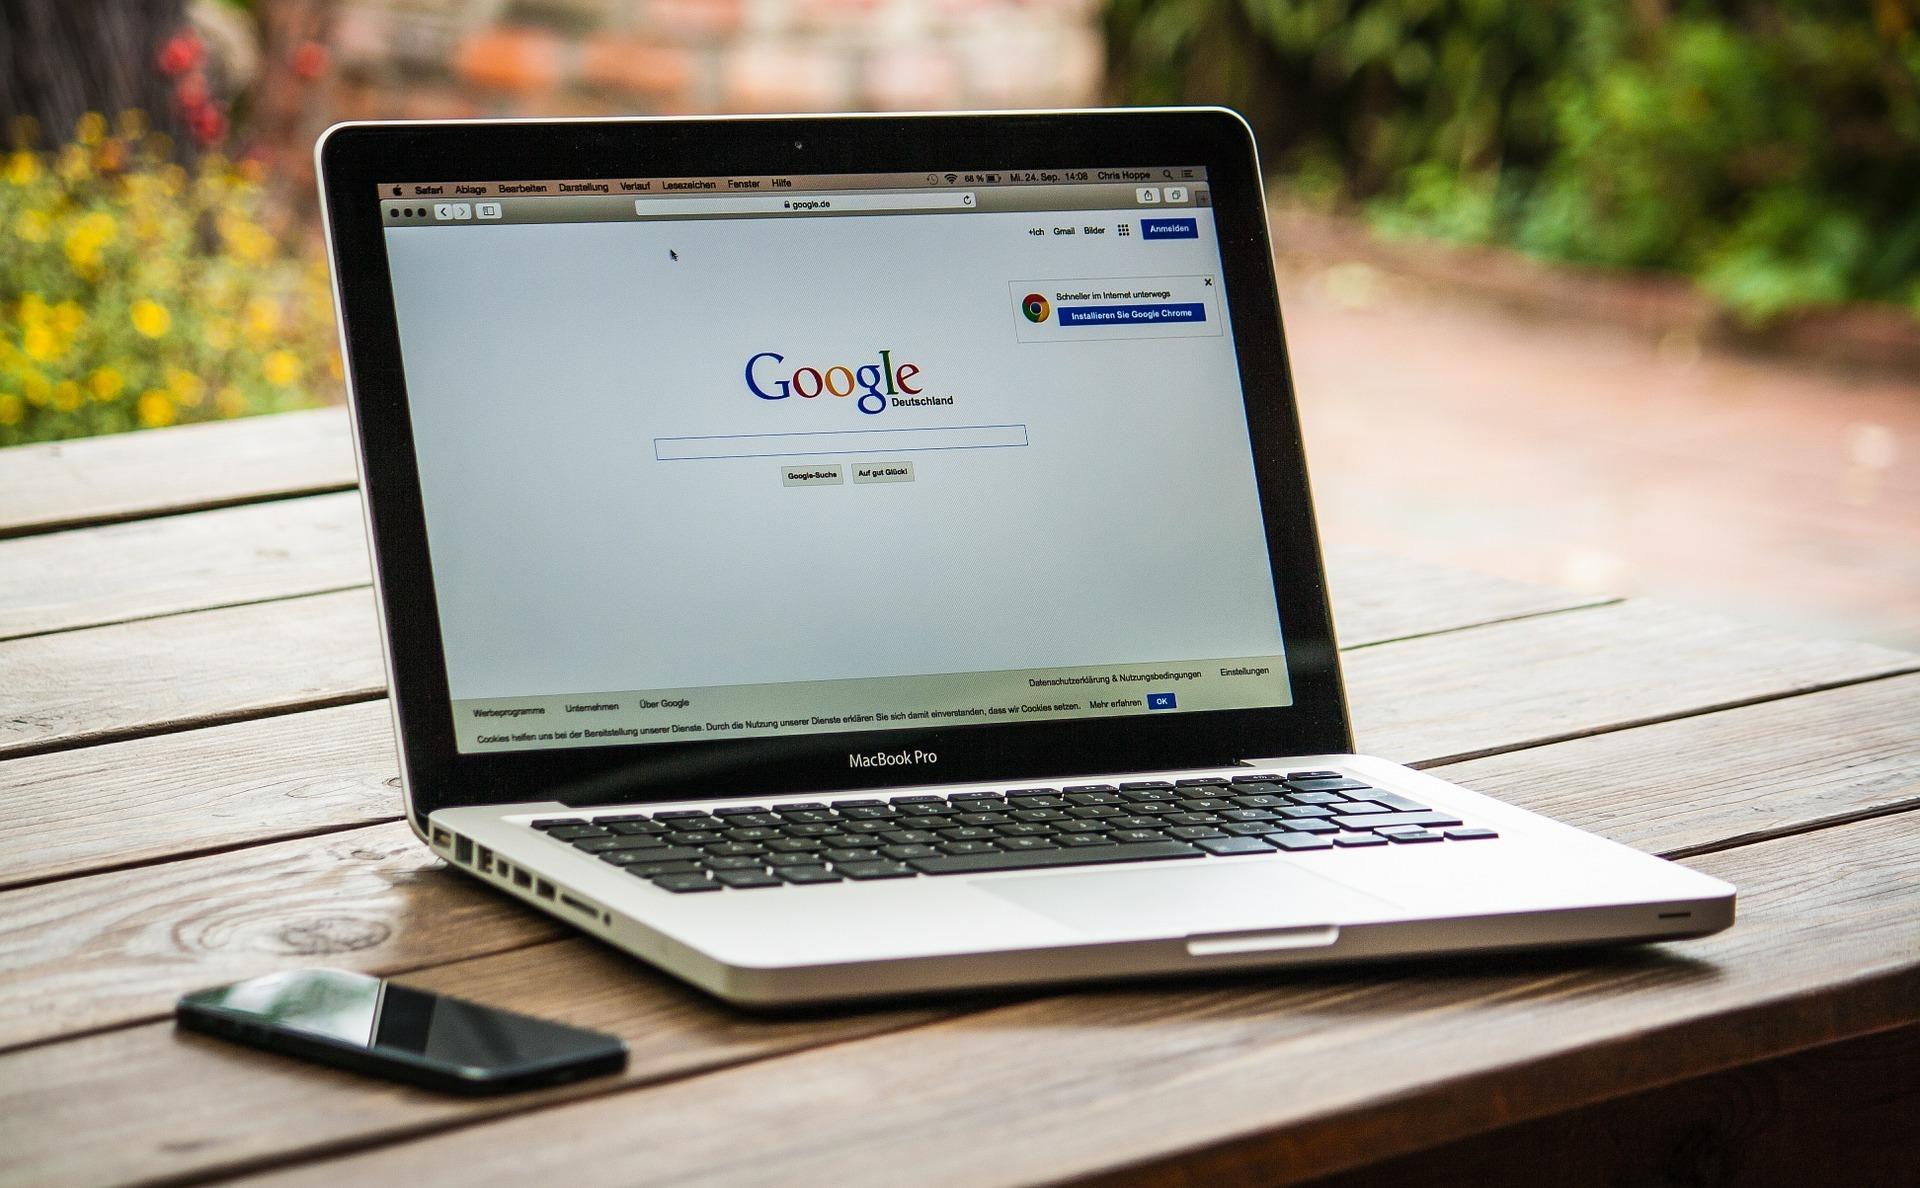 Die Suchmaschinen Platzierung verbessern auf konsumguerilla.de